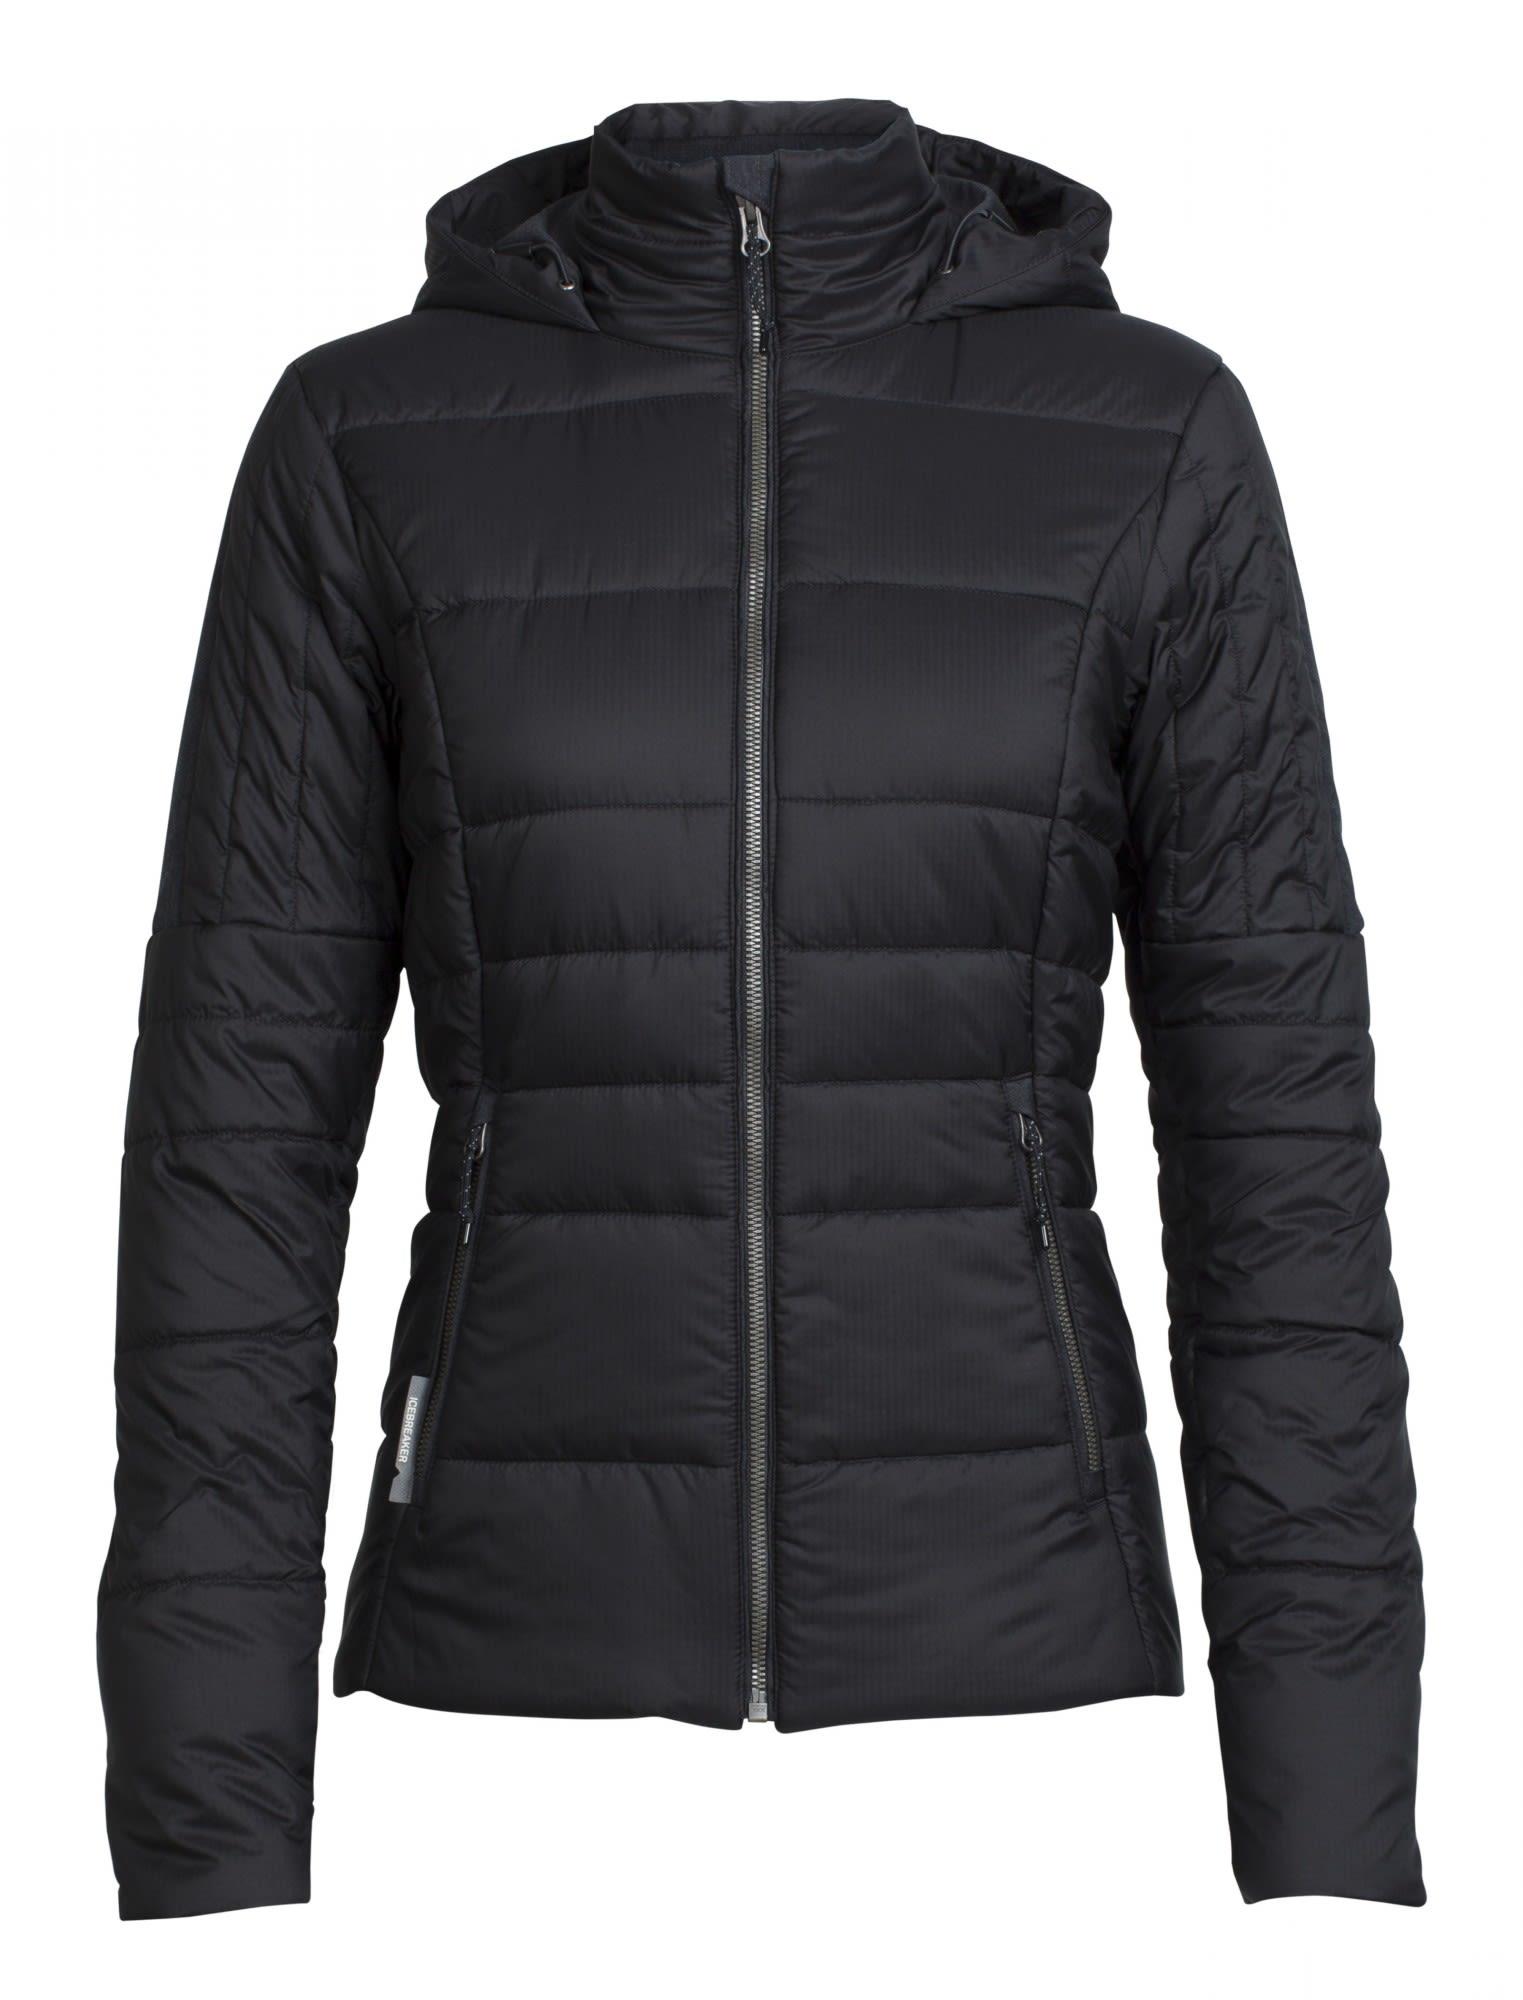 Icebreaker W Stratus X Hooded Jacket (Modell Winter 2017) | Größe XS | Damen F